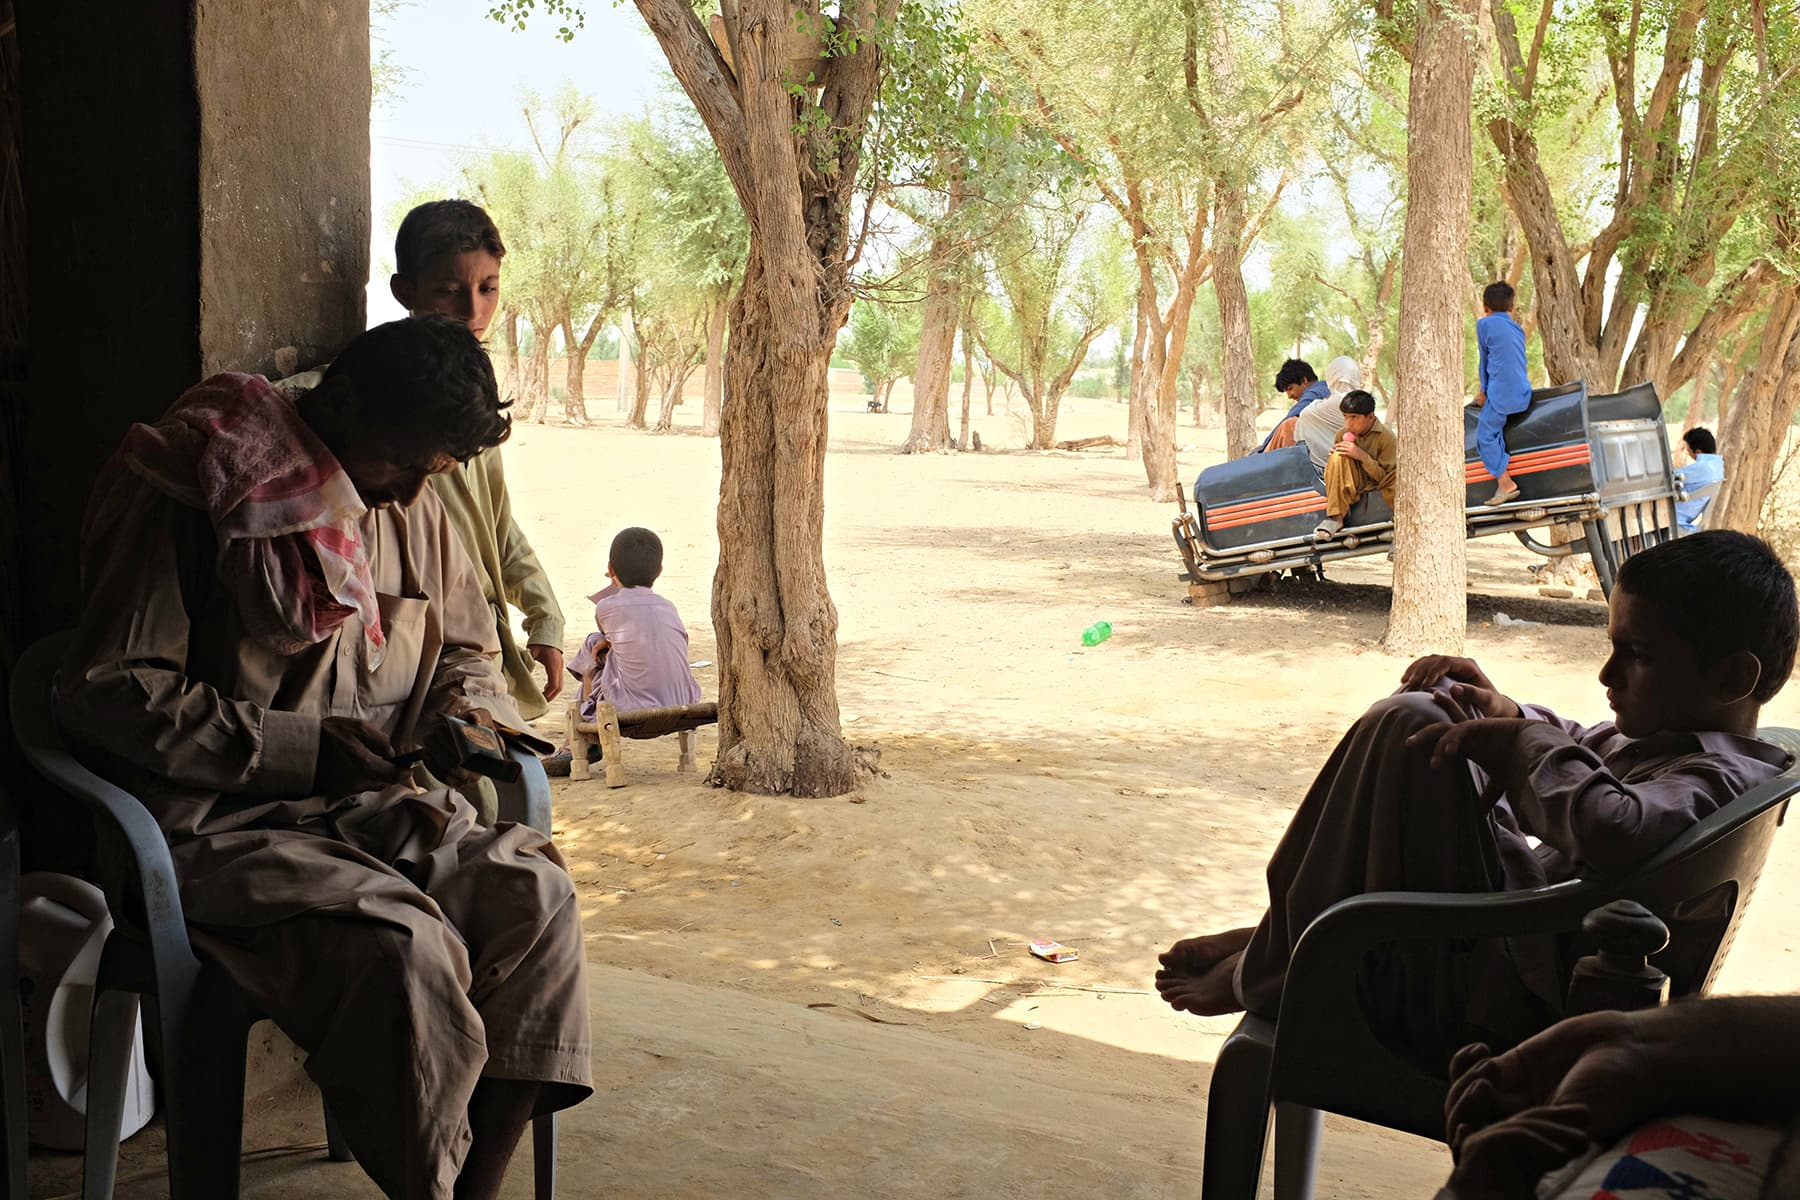 Children take a break in the shade.